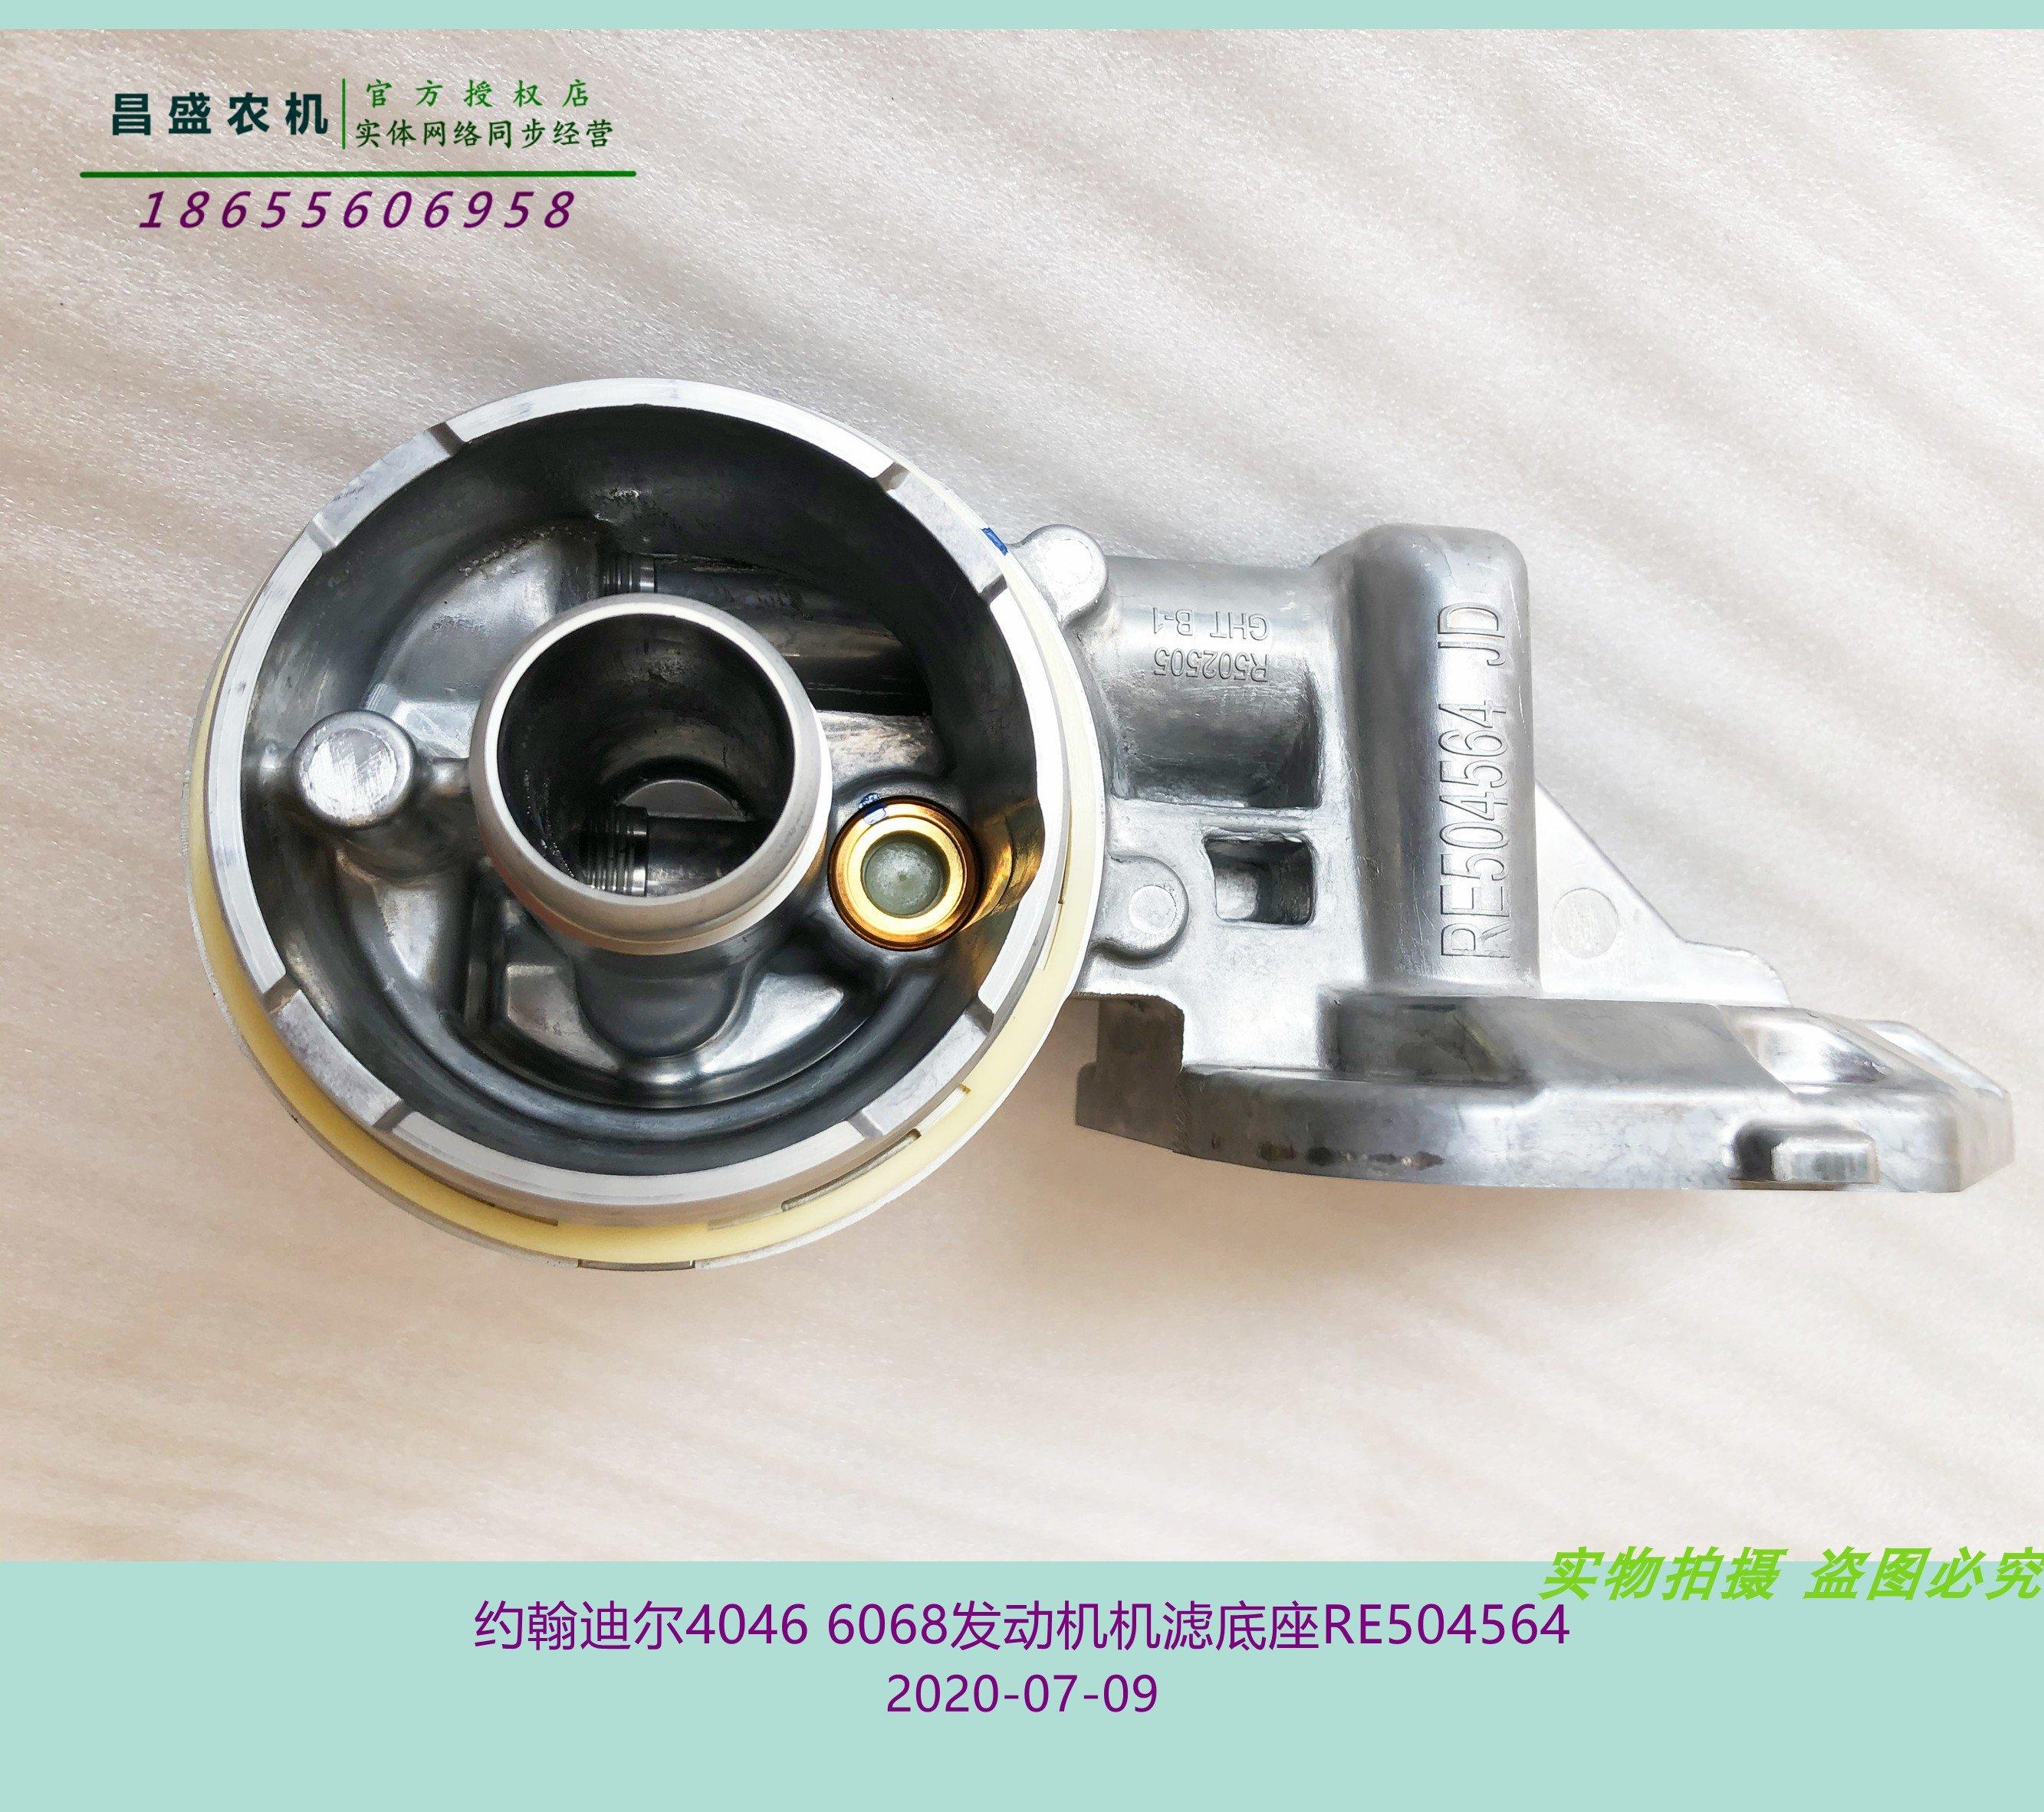 RE504564约翰迪尔拖拉机收割机原厂配件40456068机油滤芯底座包邮